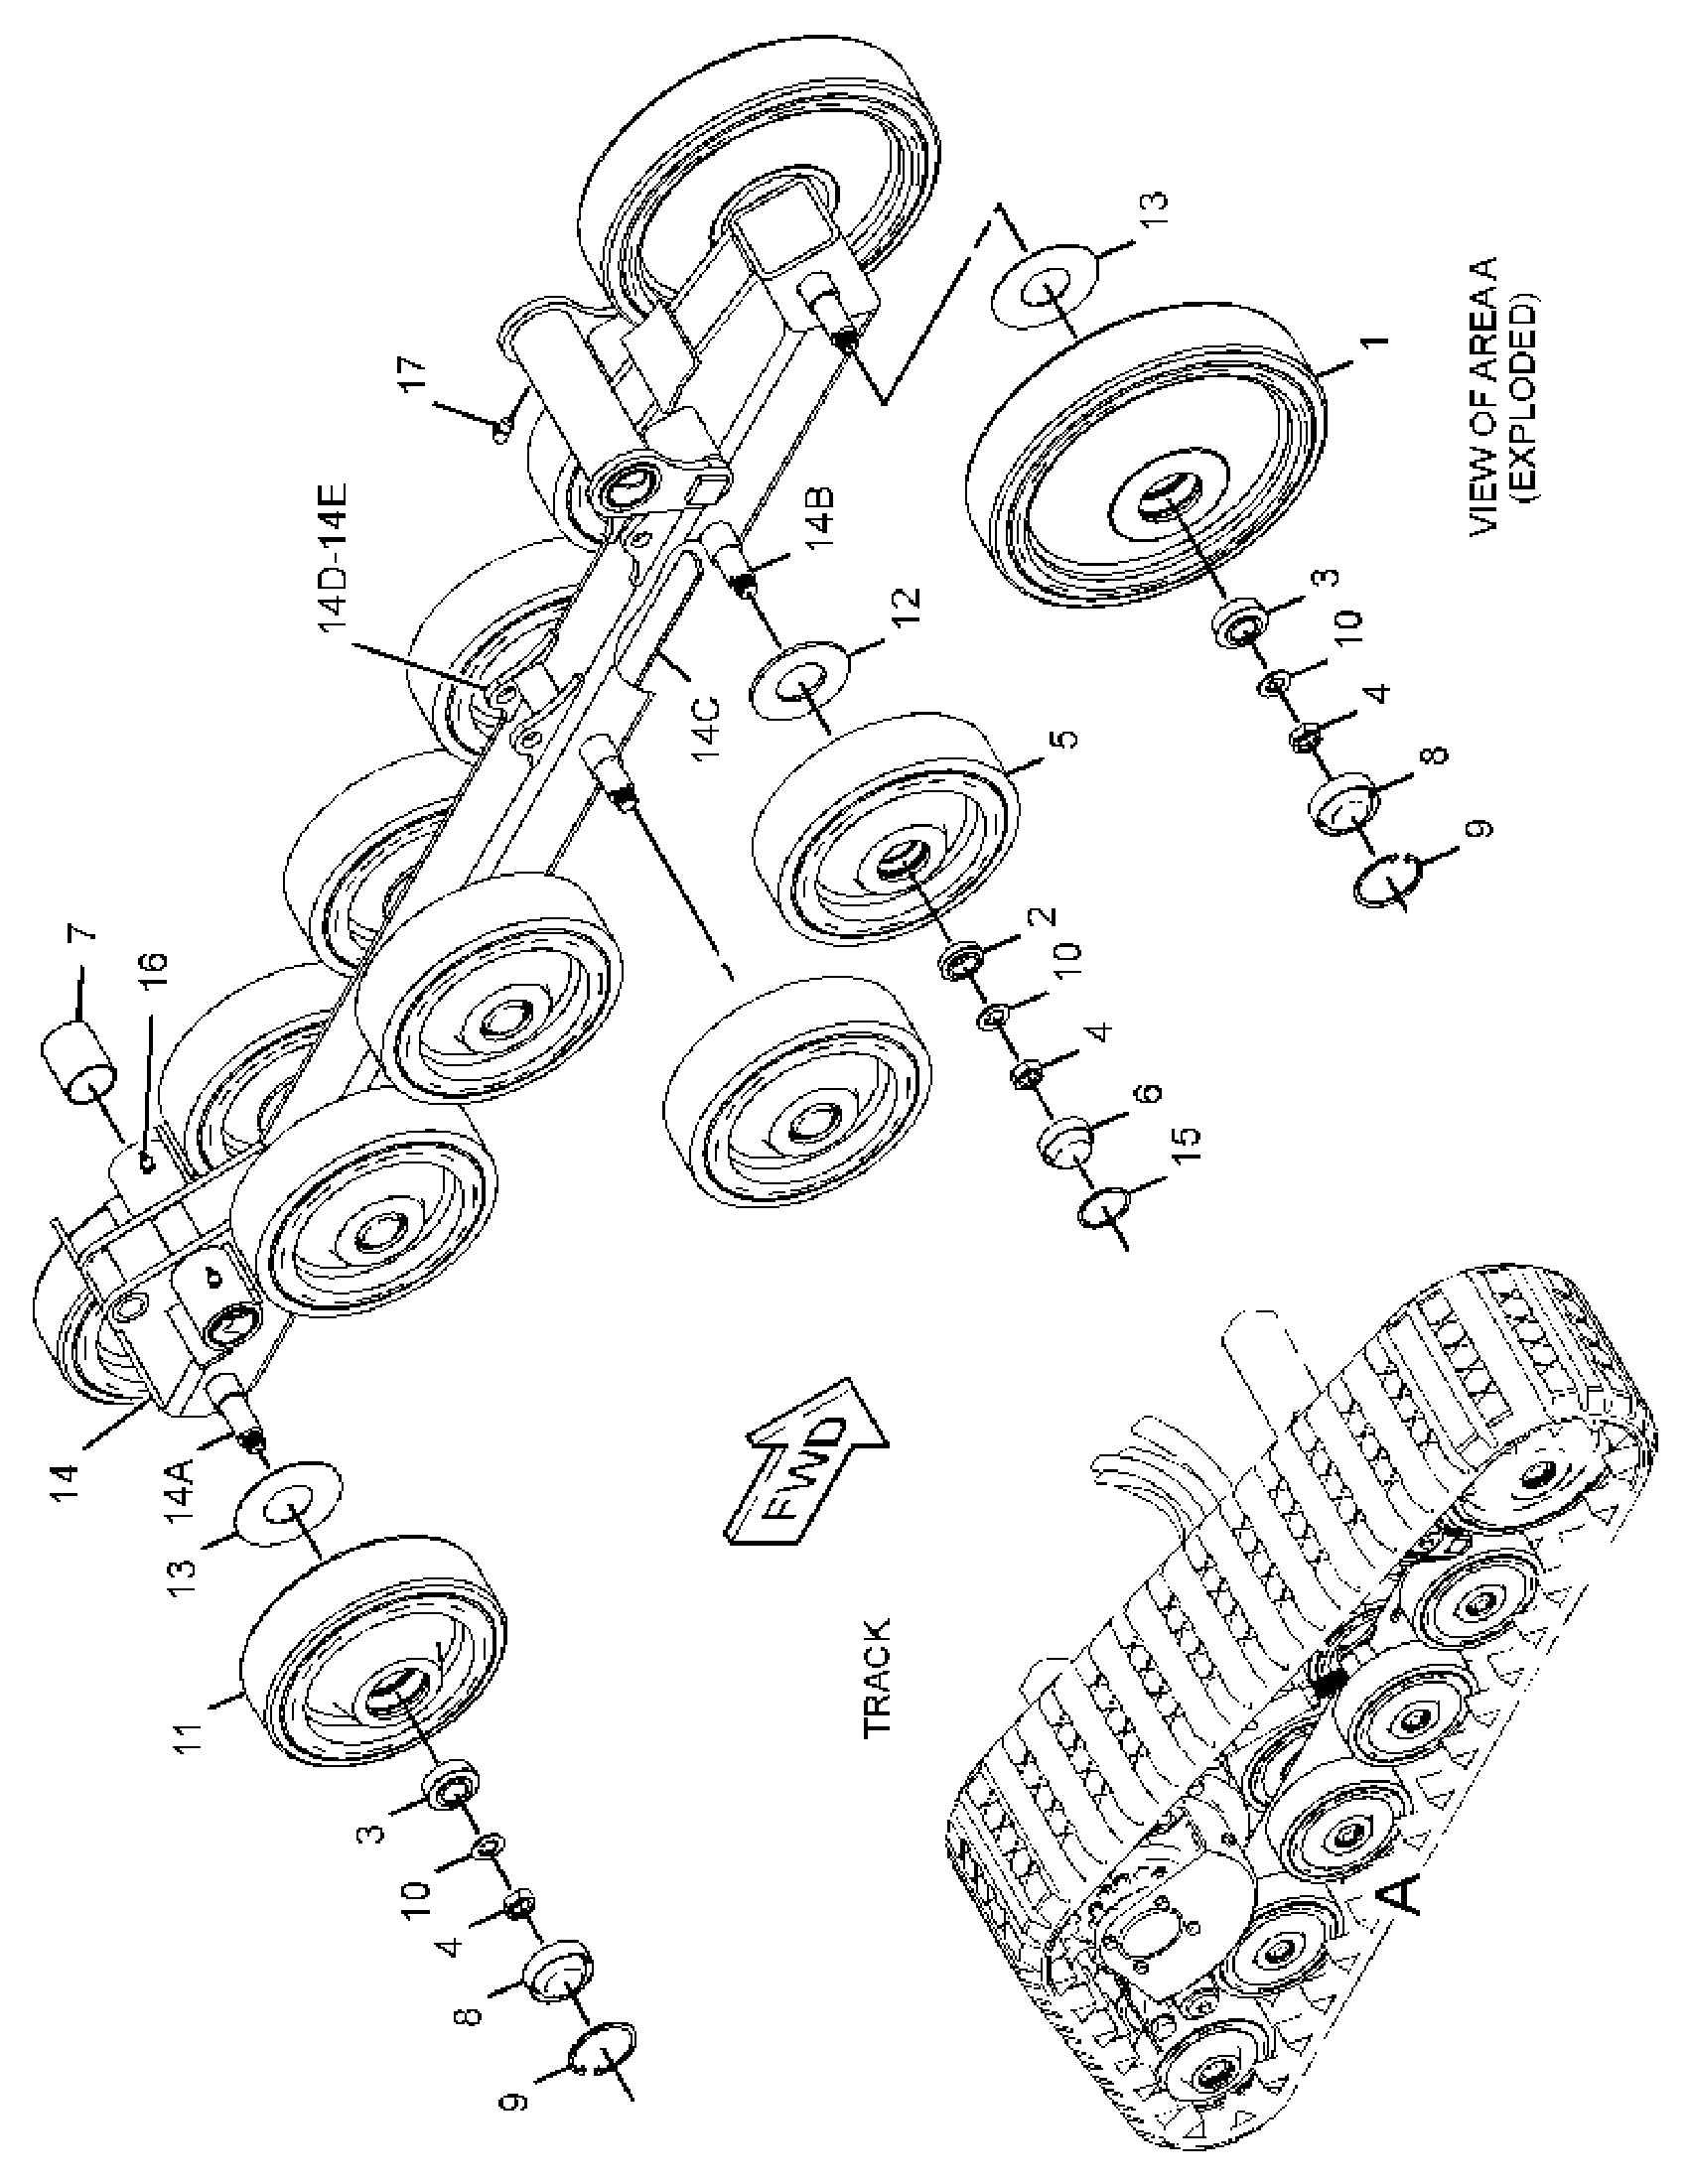 cat 247b parts diagram cat 3 wiring diagram